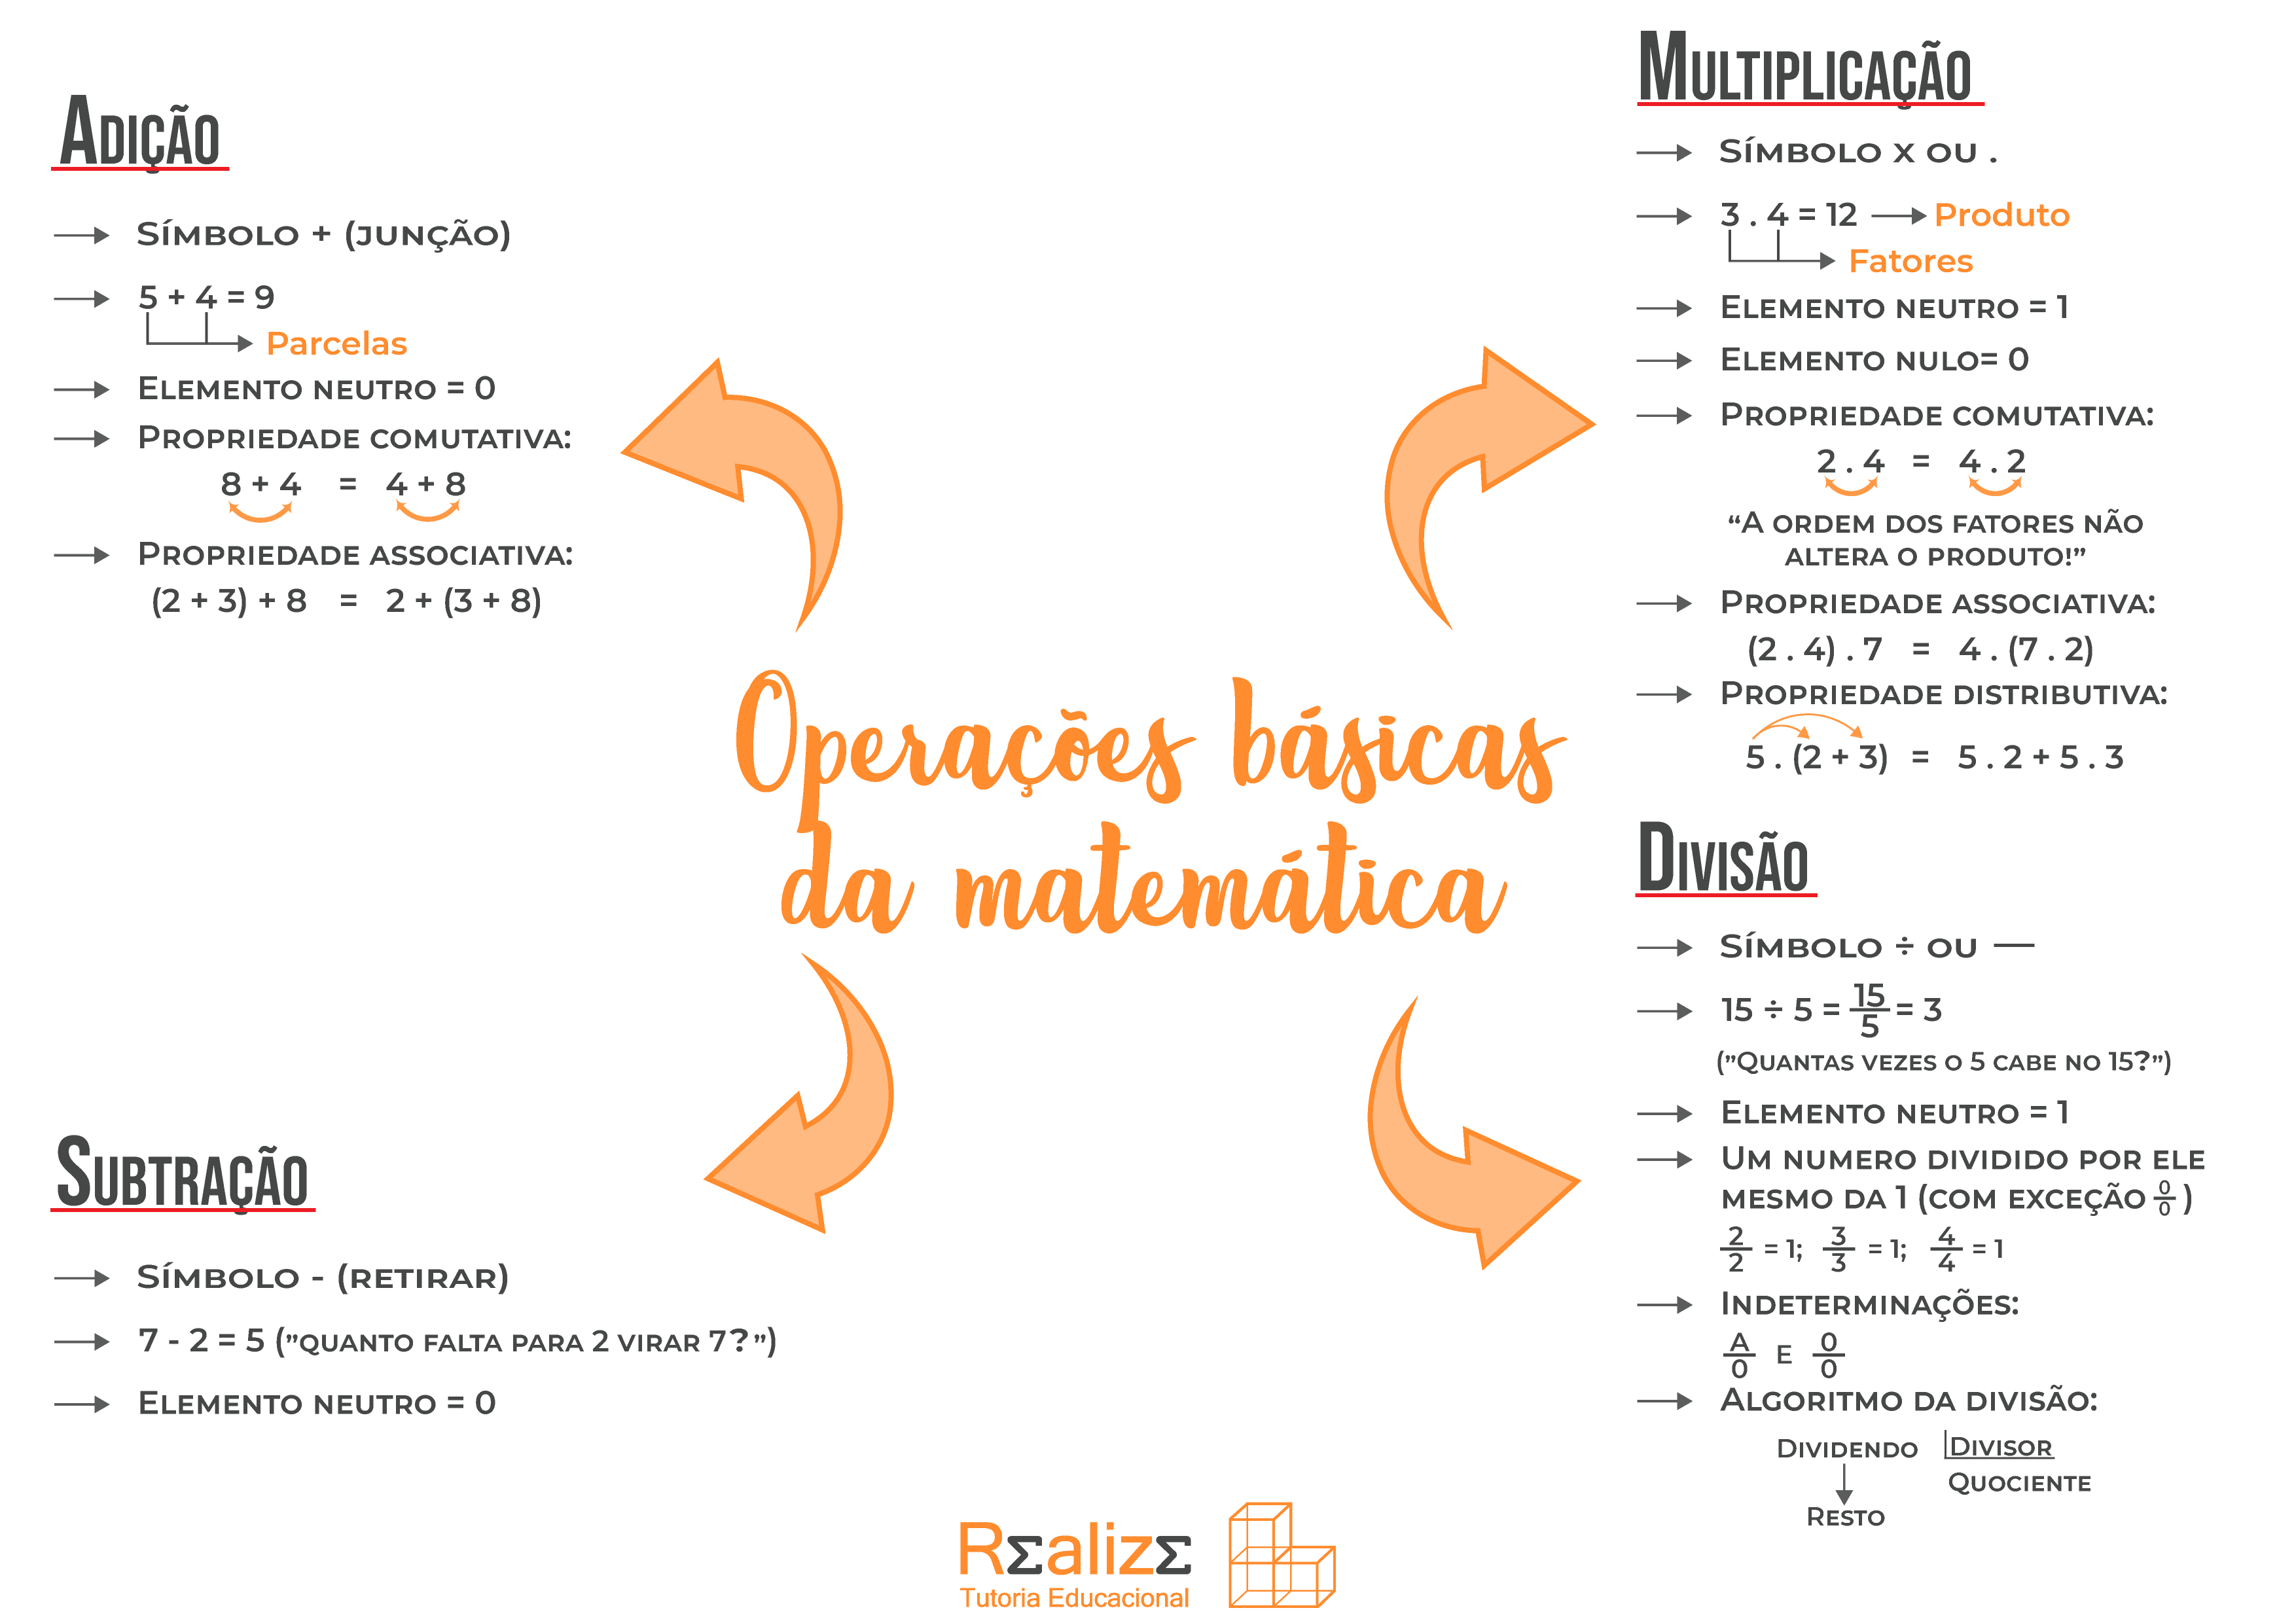 Operações básicas da matemática